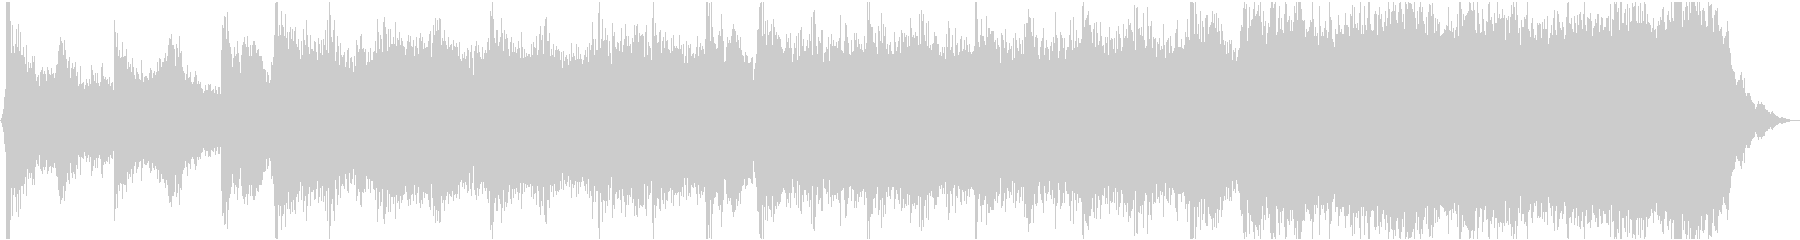 現代的 交響曲 プログレッシブ 広...の未再生の波形